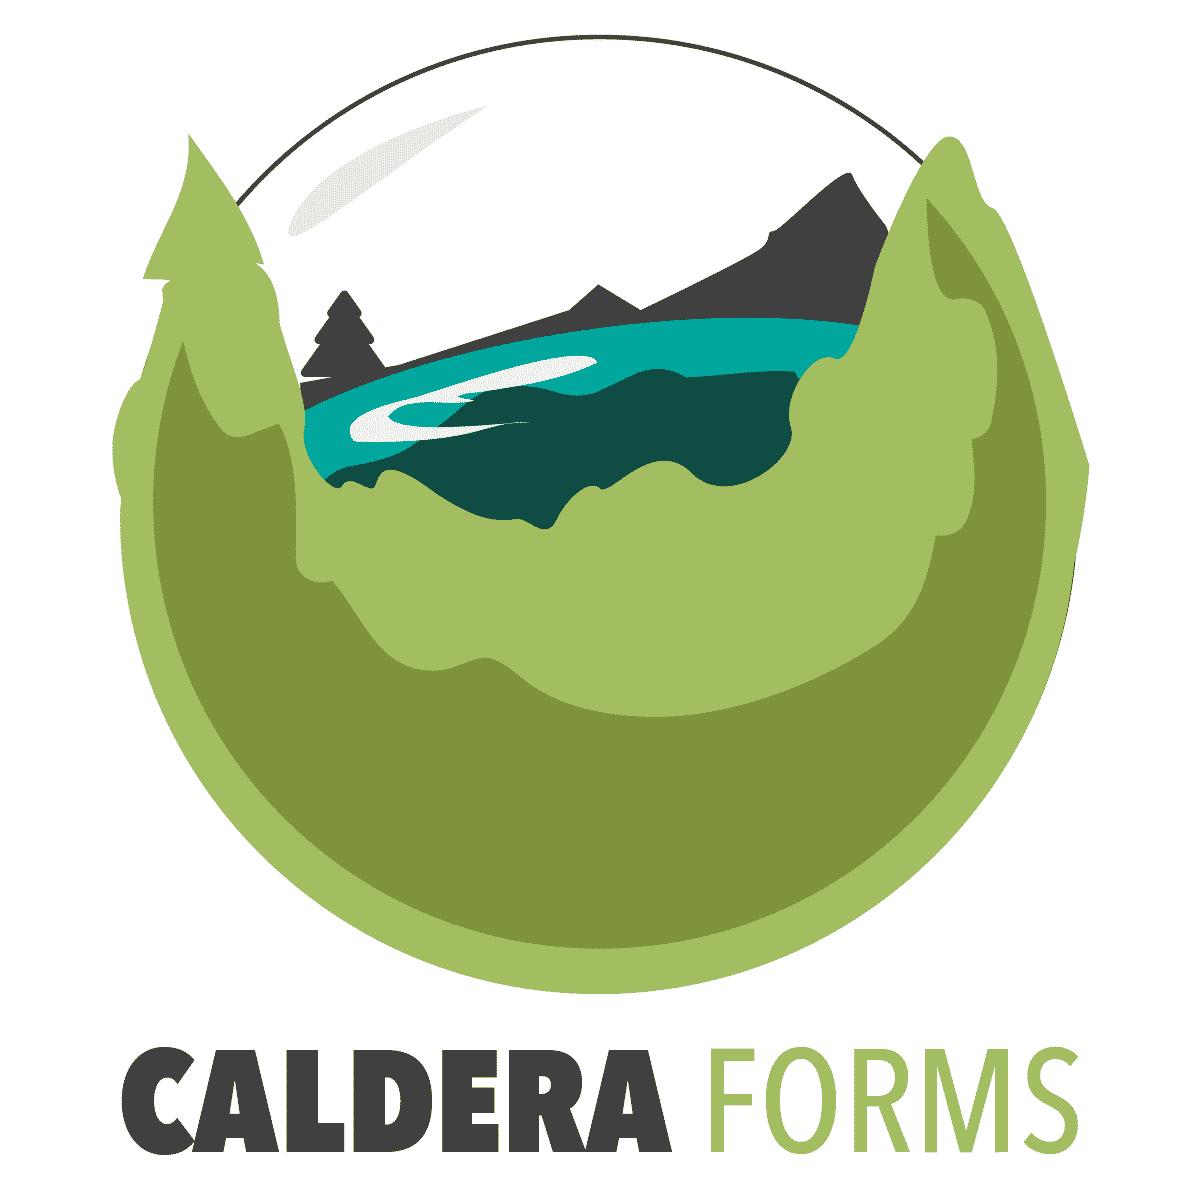 WordPress Contact Forms - Caldera Forms